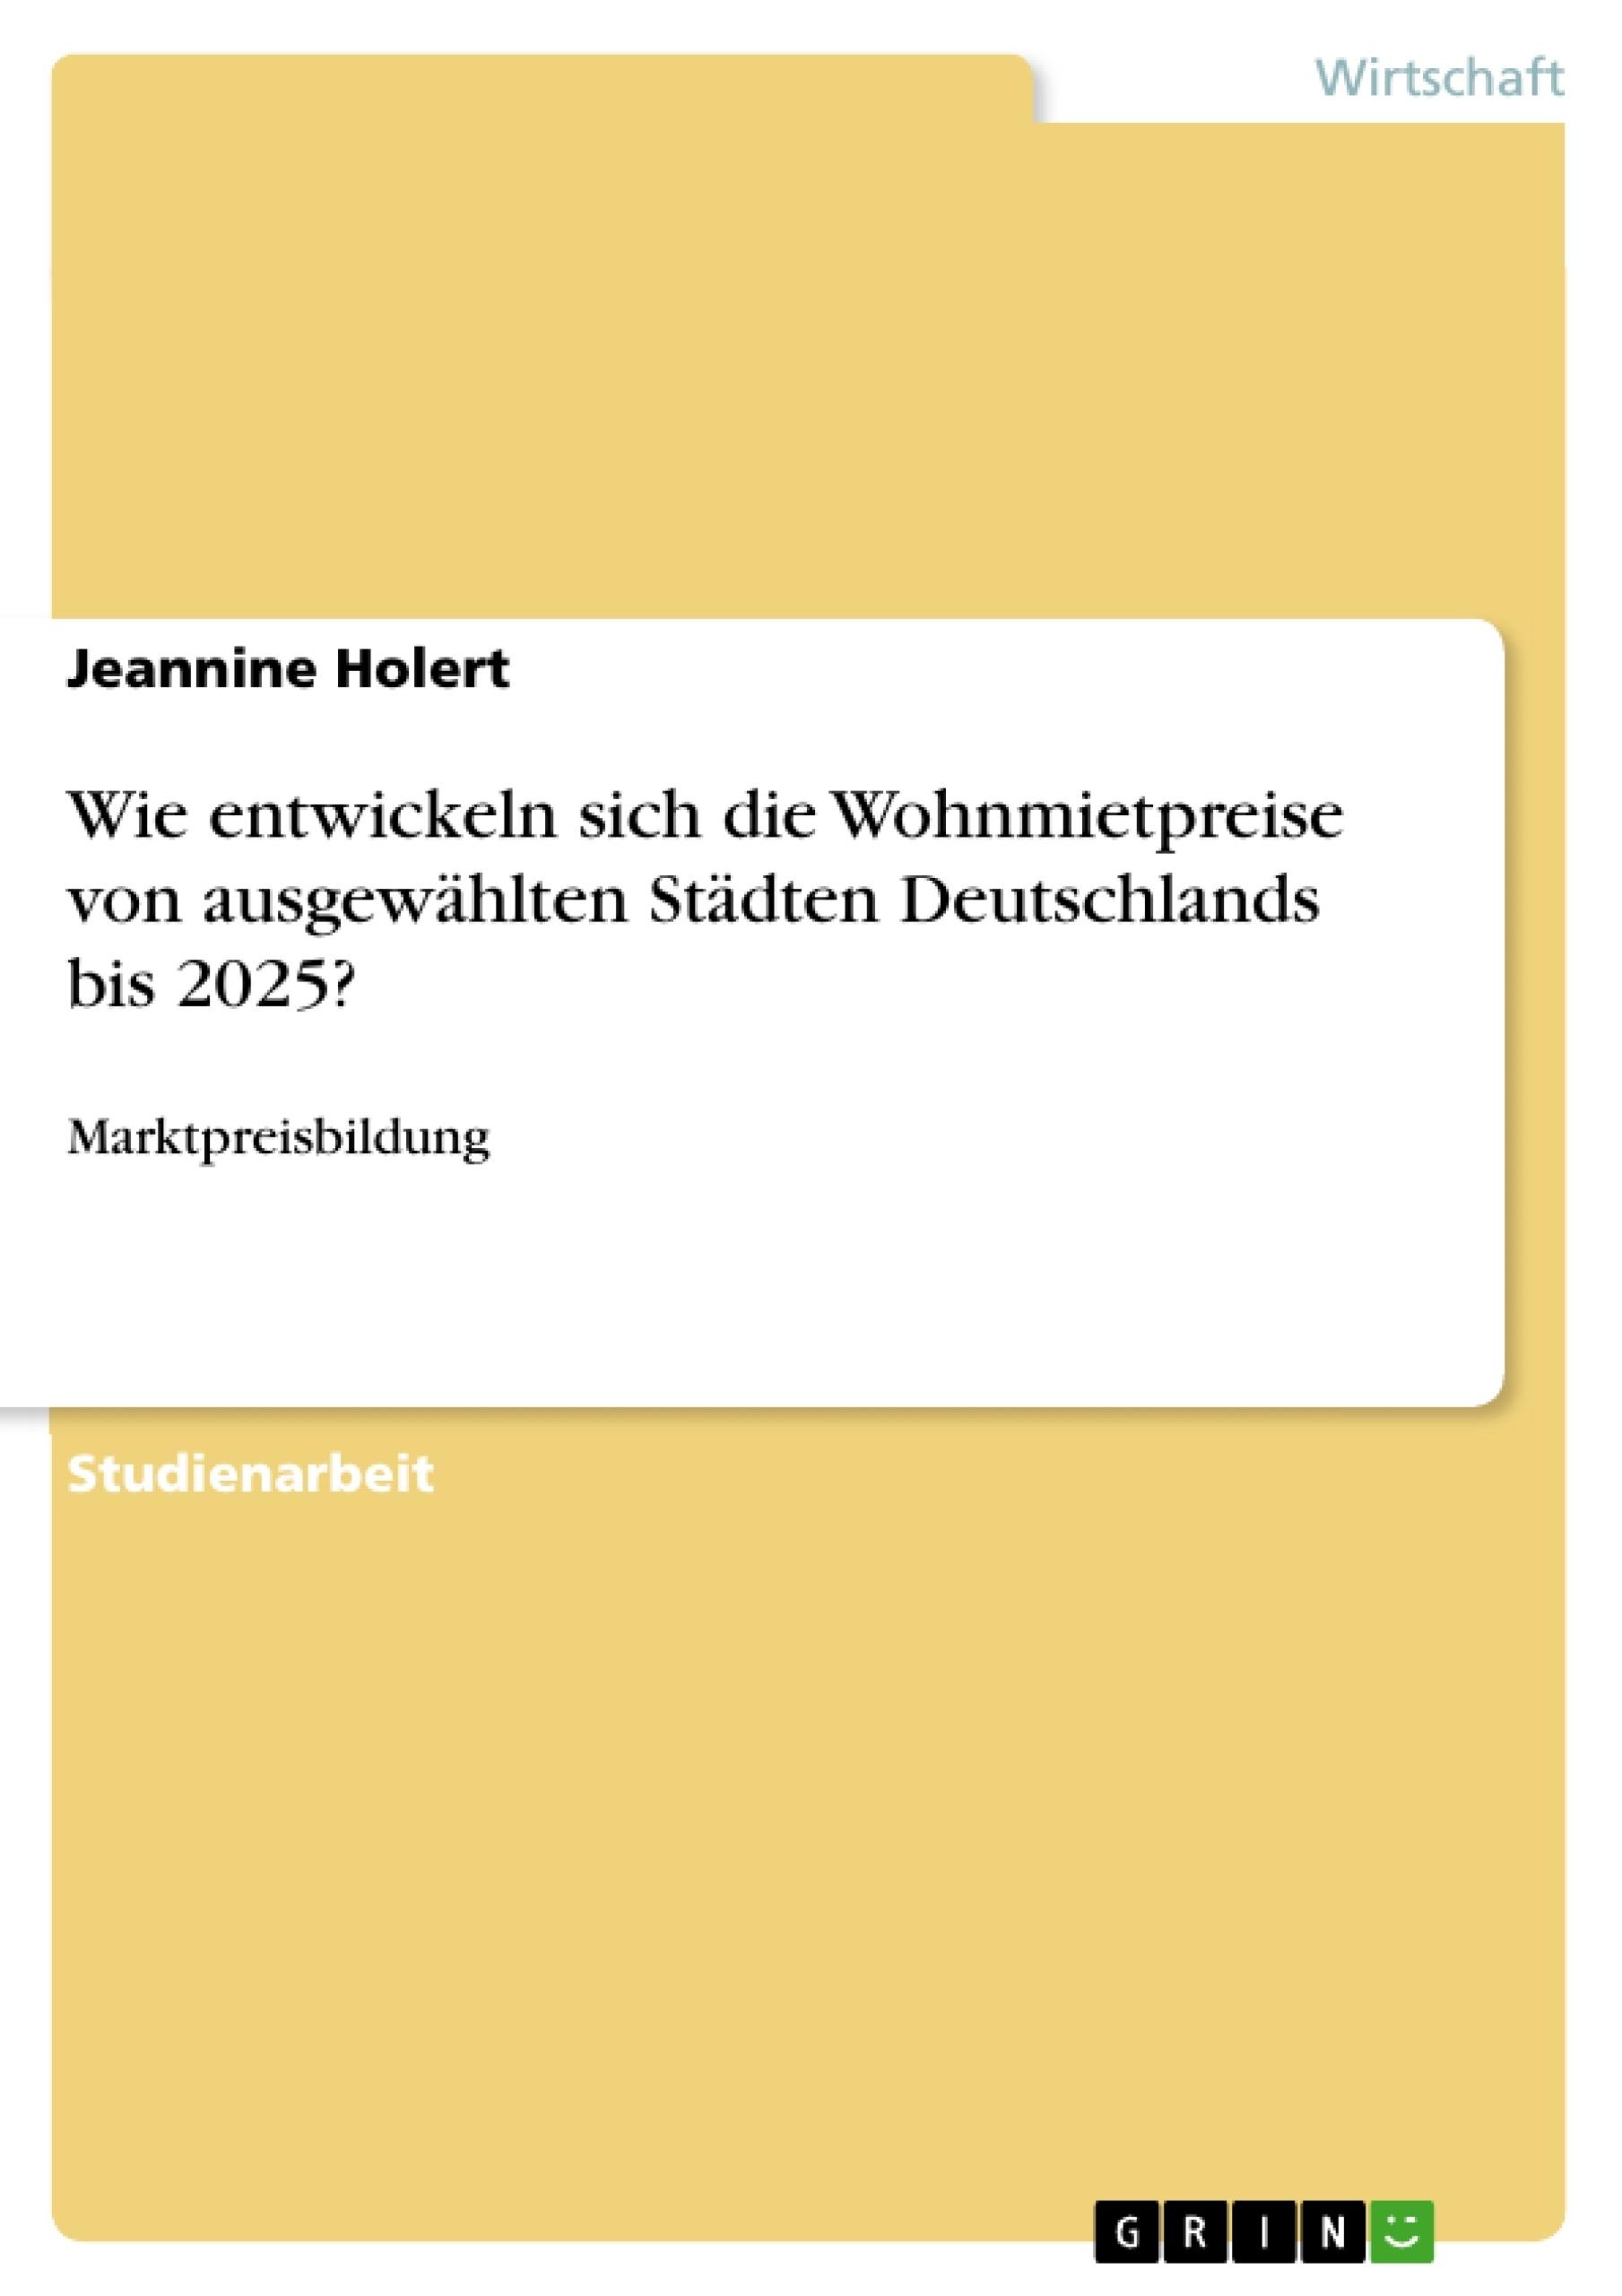 Titel: Wie entwickeln sich die Wohnmietpreise von  ausgewählten Städten Deutschlands bis 2025?